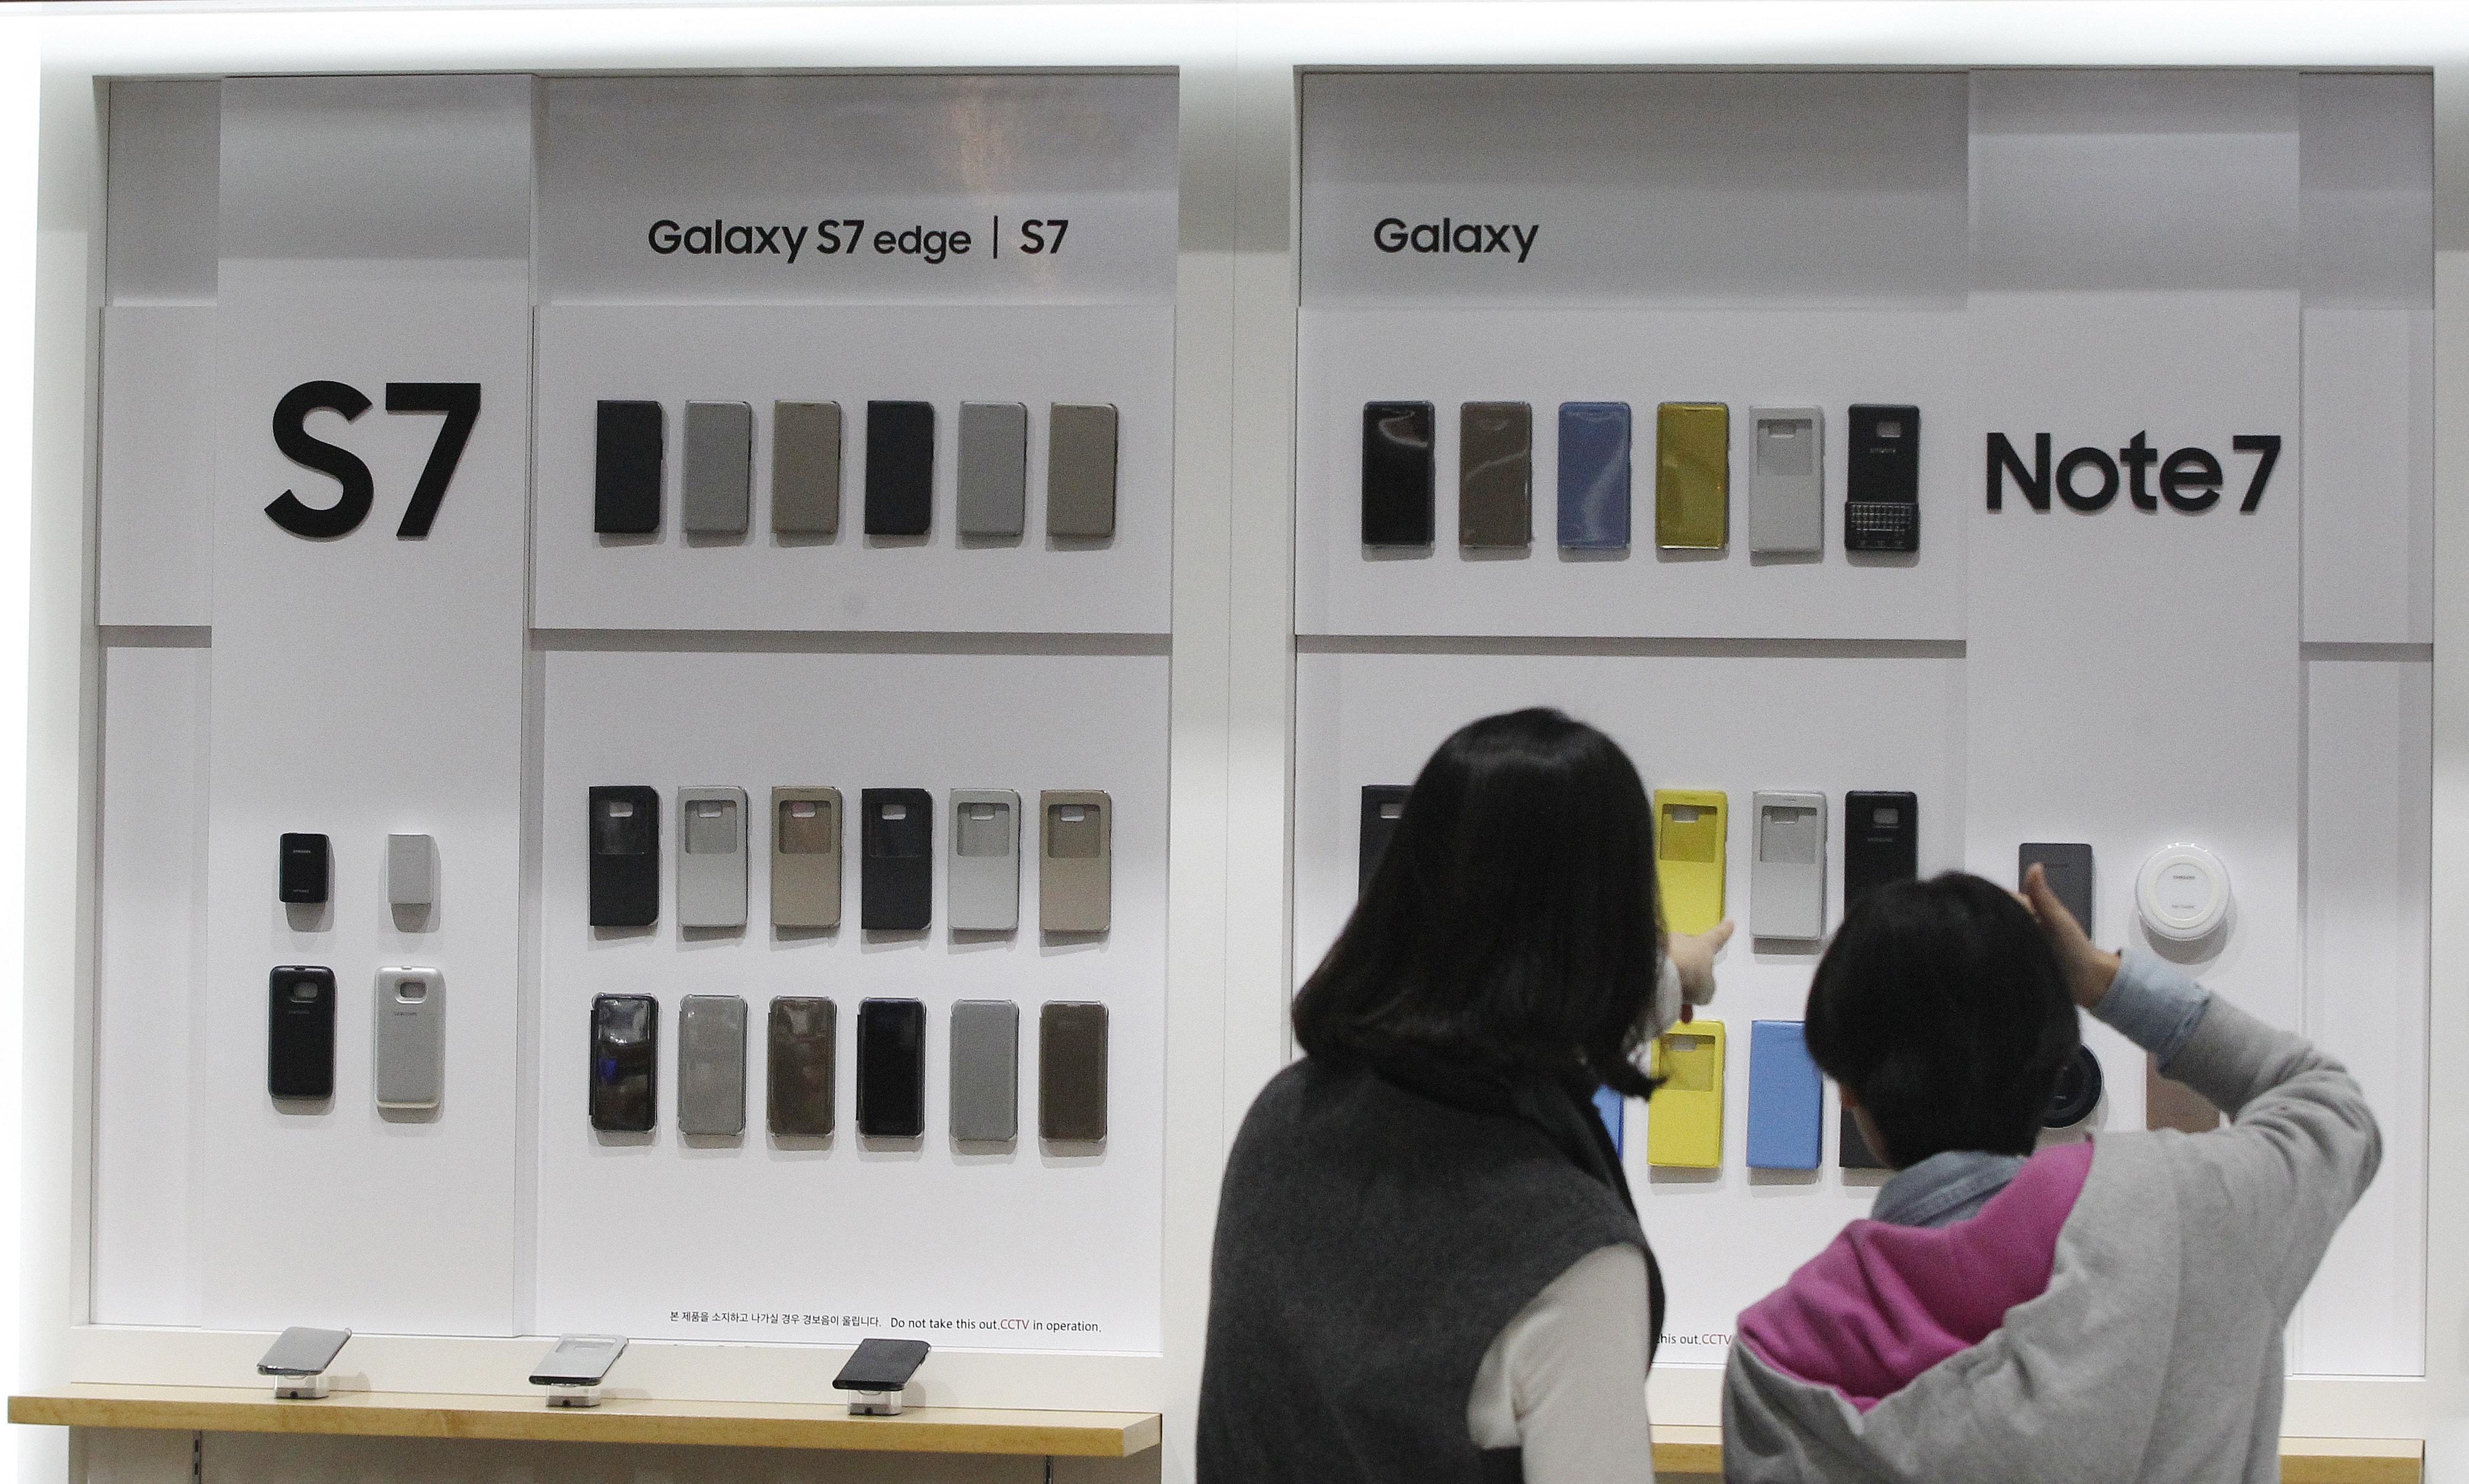 Venta de teléfonos insignias de Samsung Galalaxy S7 y Galaxy Note 7 en Corea del Sur